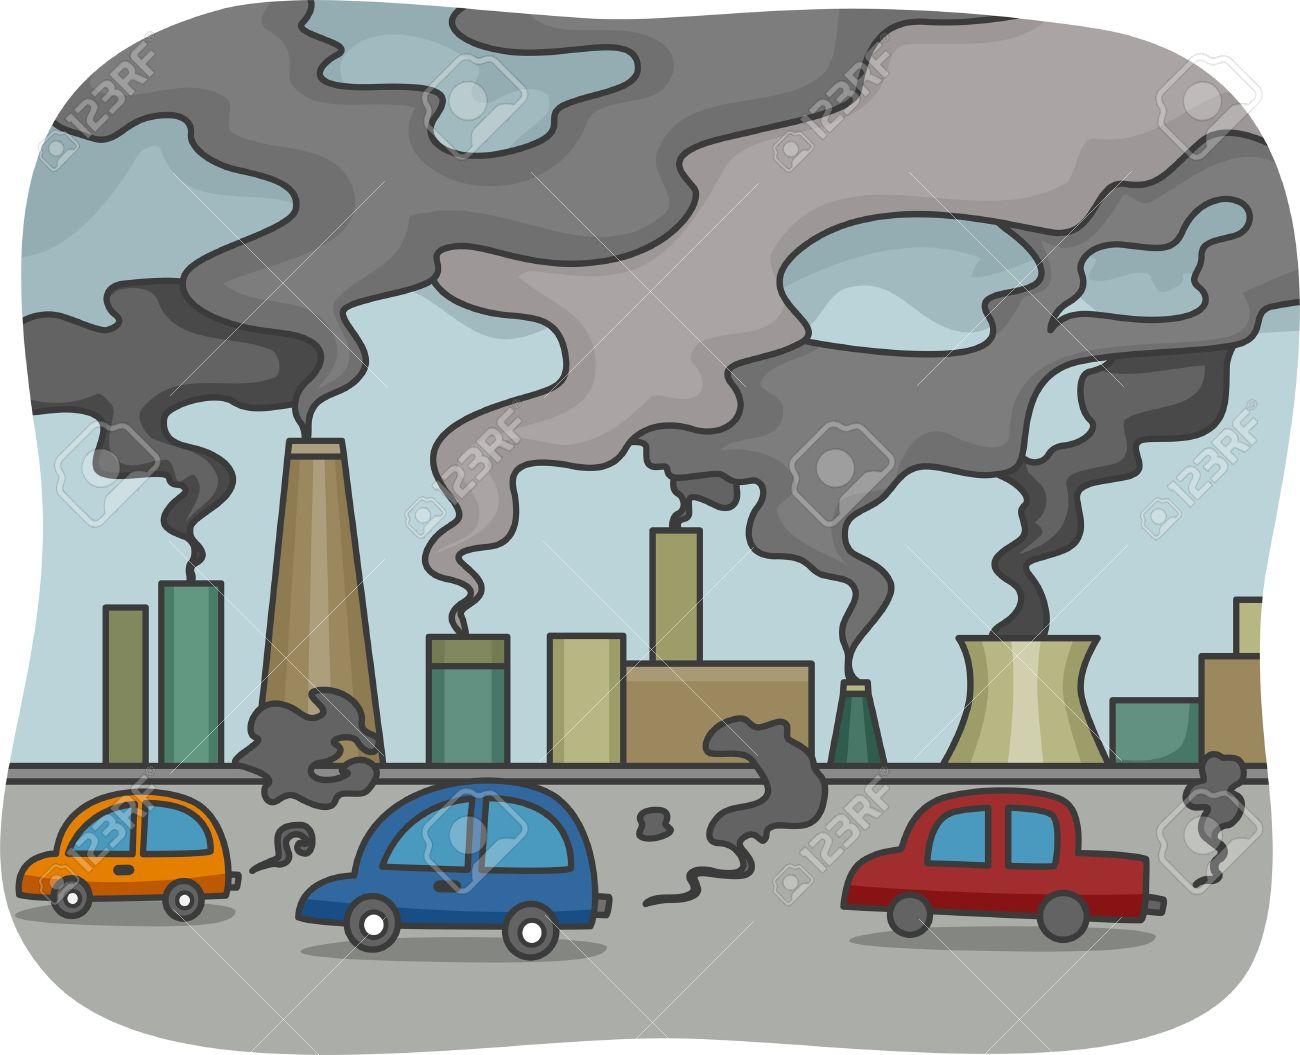 大気汚染のイラスト の写真素材画像素材 Image 20779965